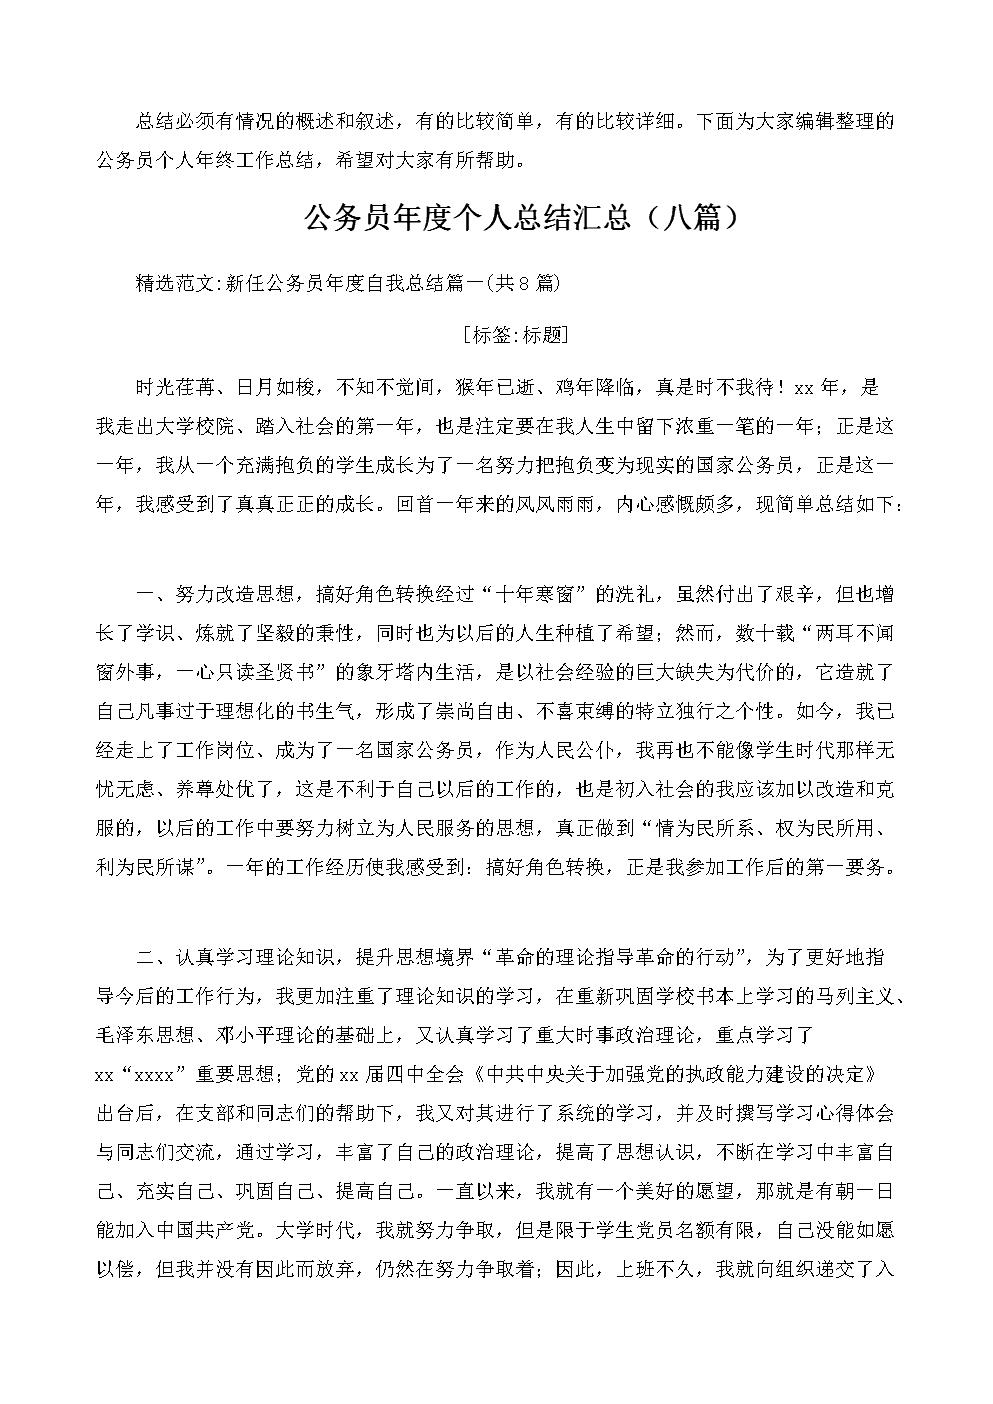 公务员年度个人总结汇总(八篇).doc